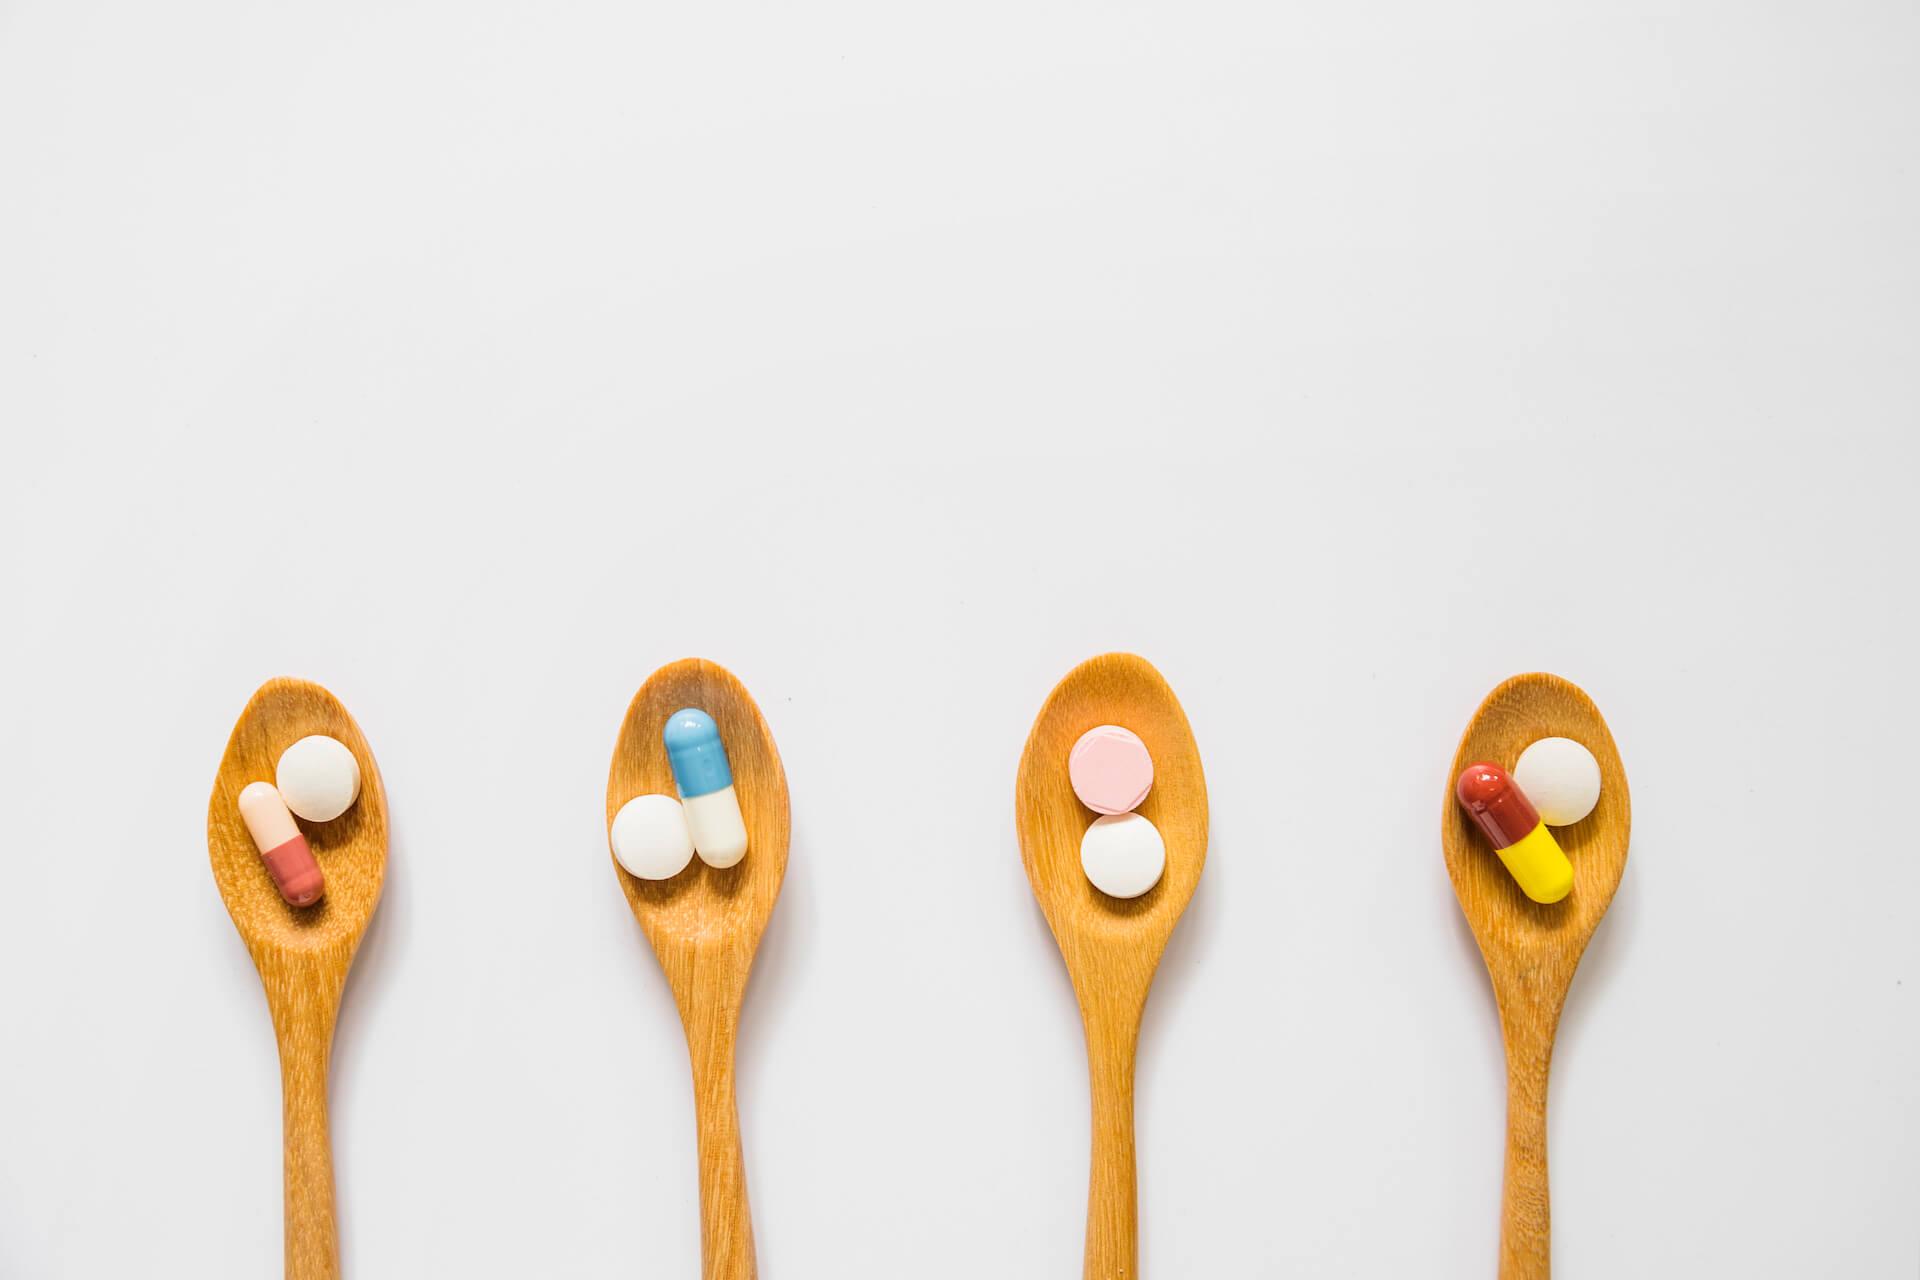 新商品のご案内 – 海外向け健康食品 –